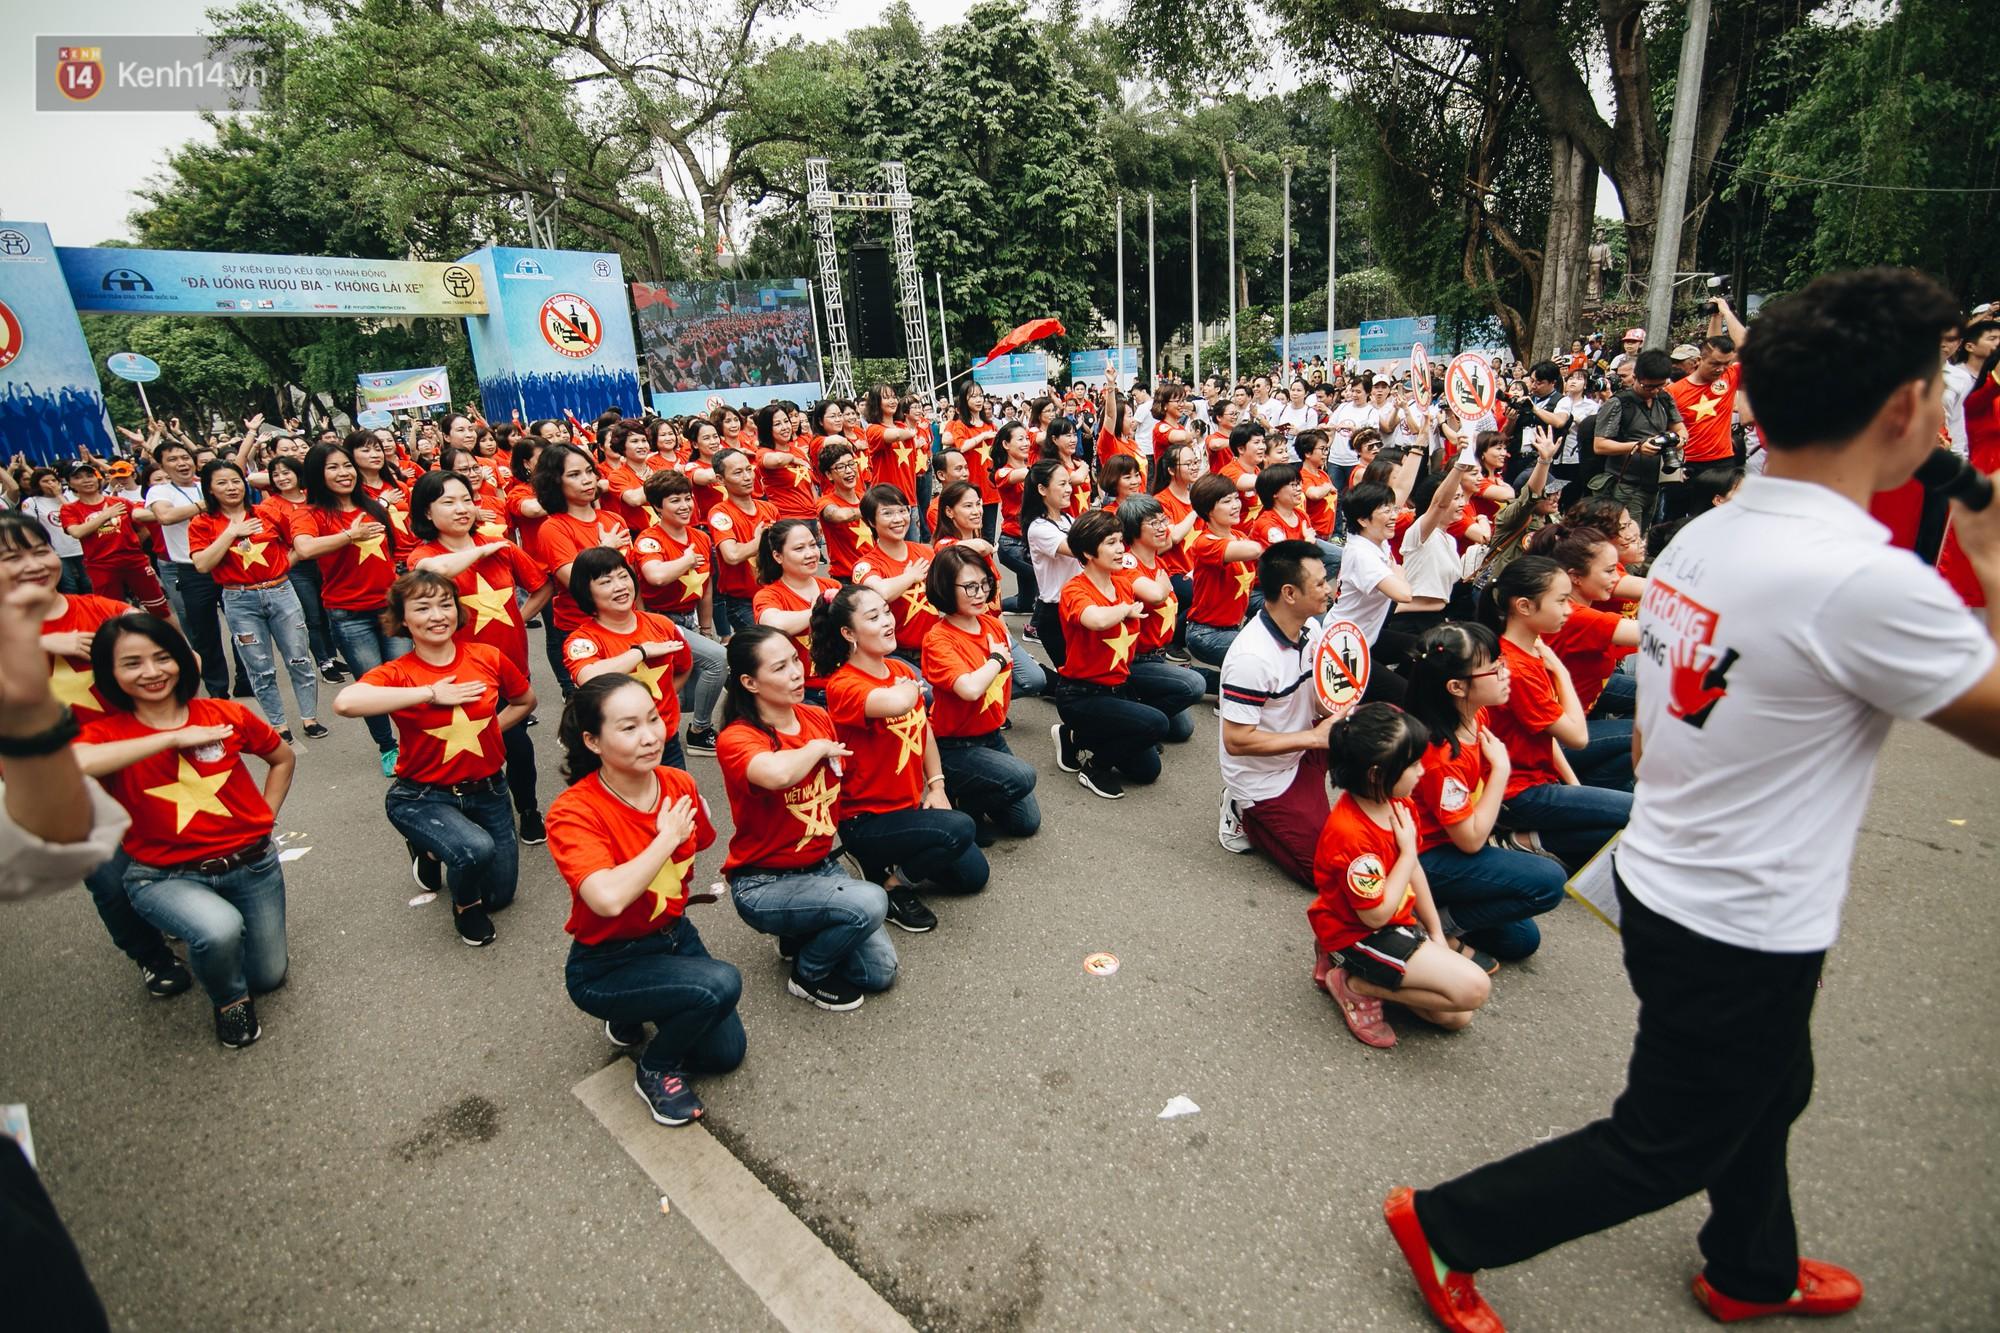 Chùm ảnh: 8.000 người mang logo Đã uống rượu bia - Không lái xe cùng tuần hành trên phố đi bộ Hồ Gươm - Ảnh 13.